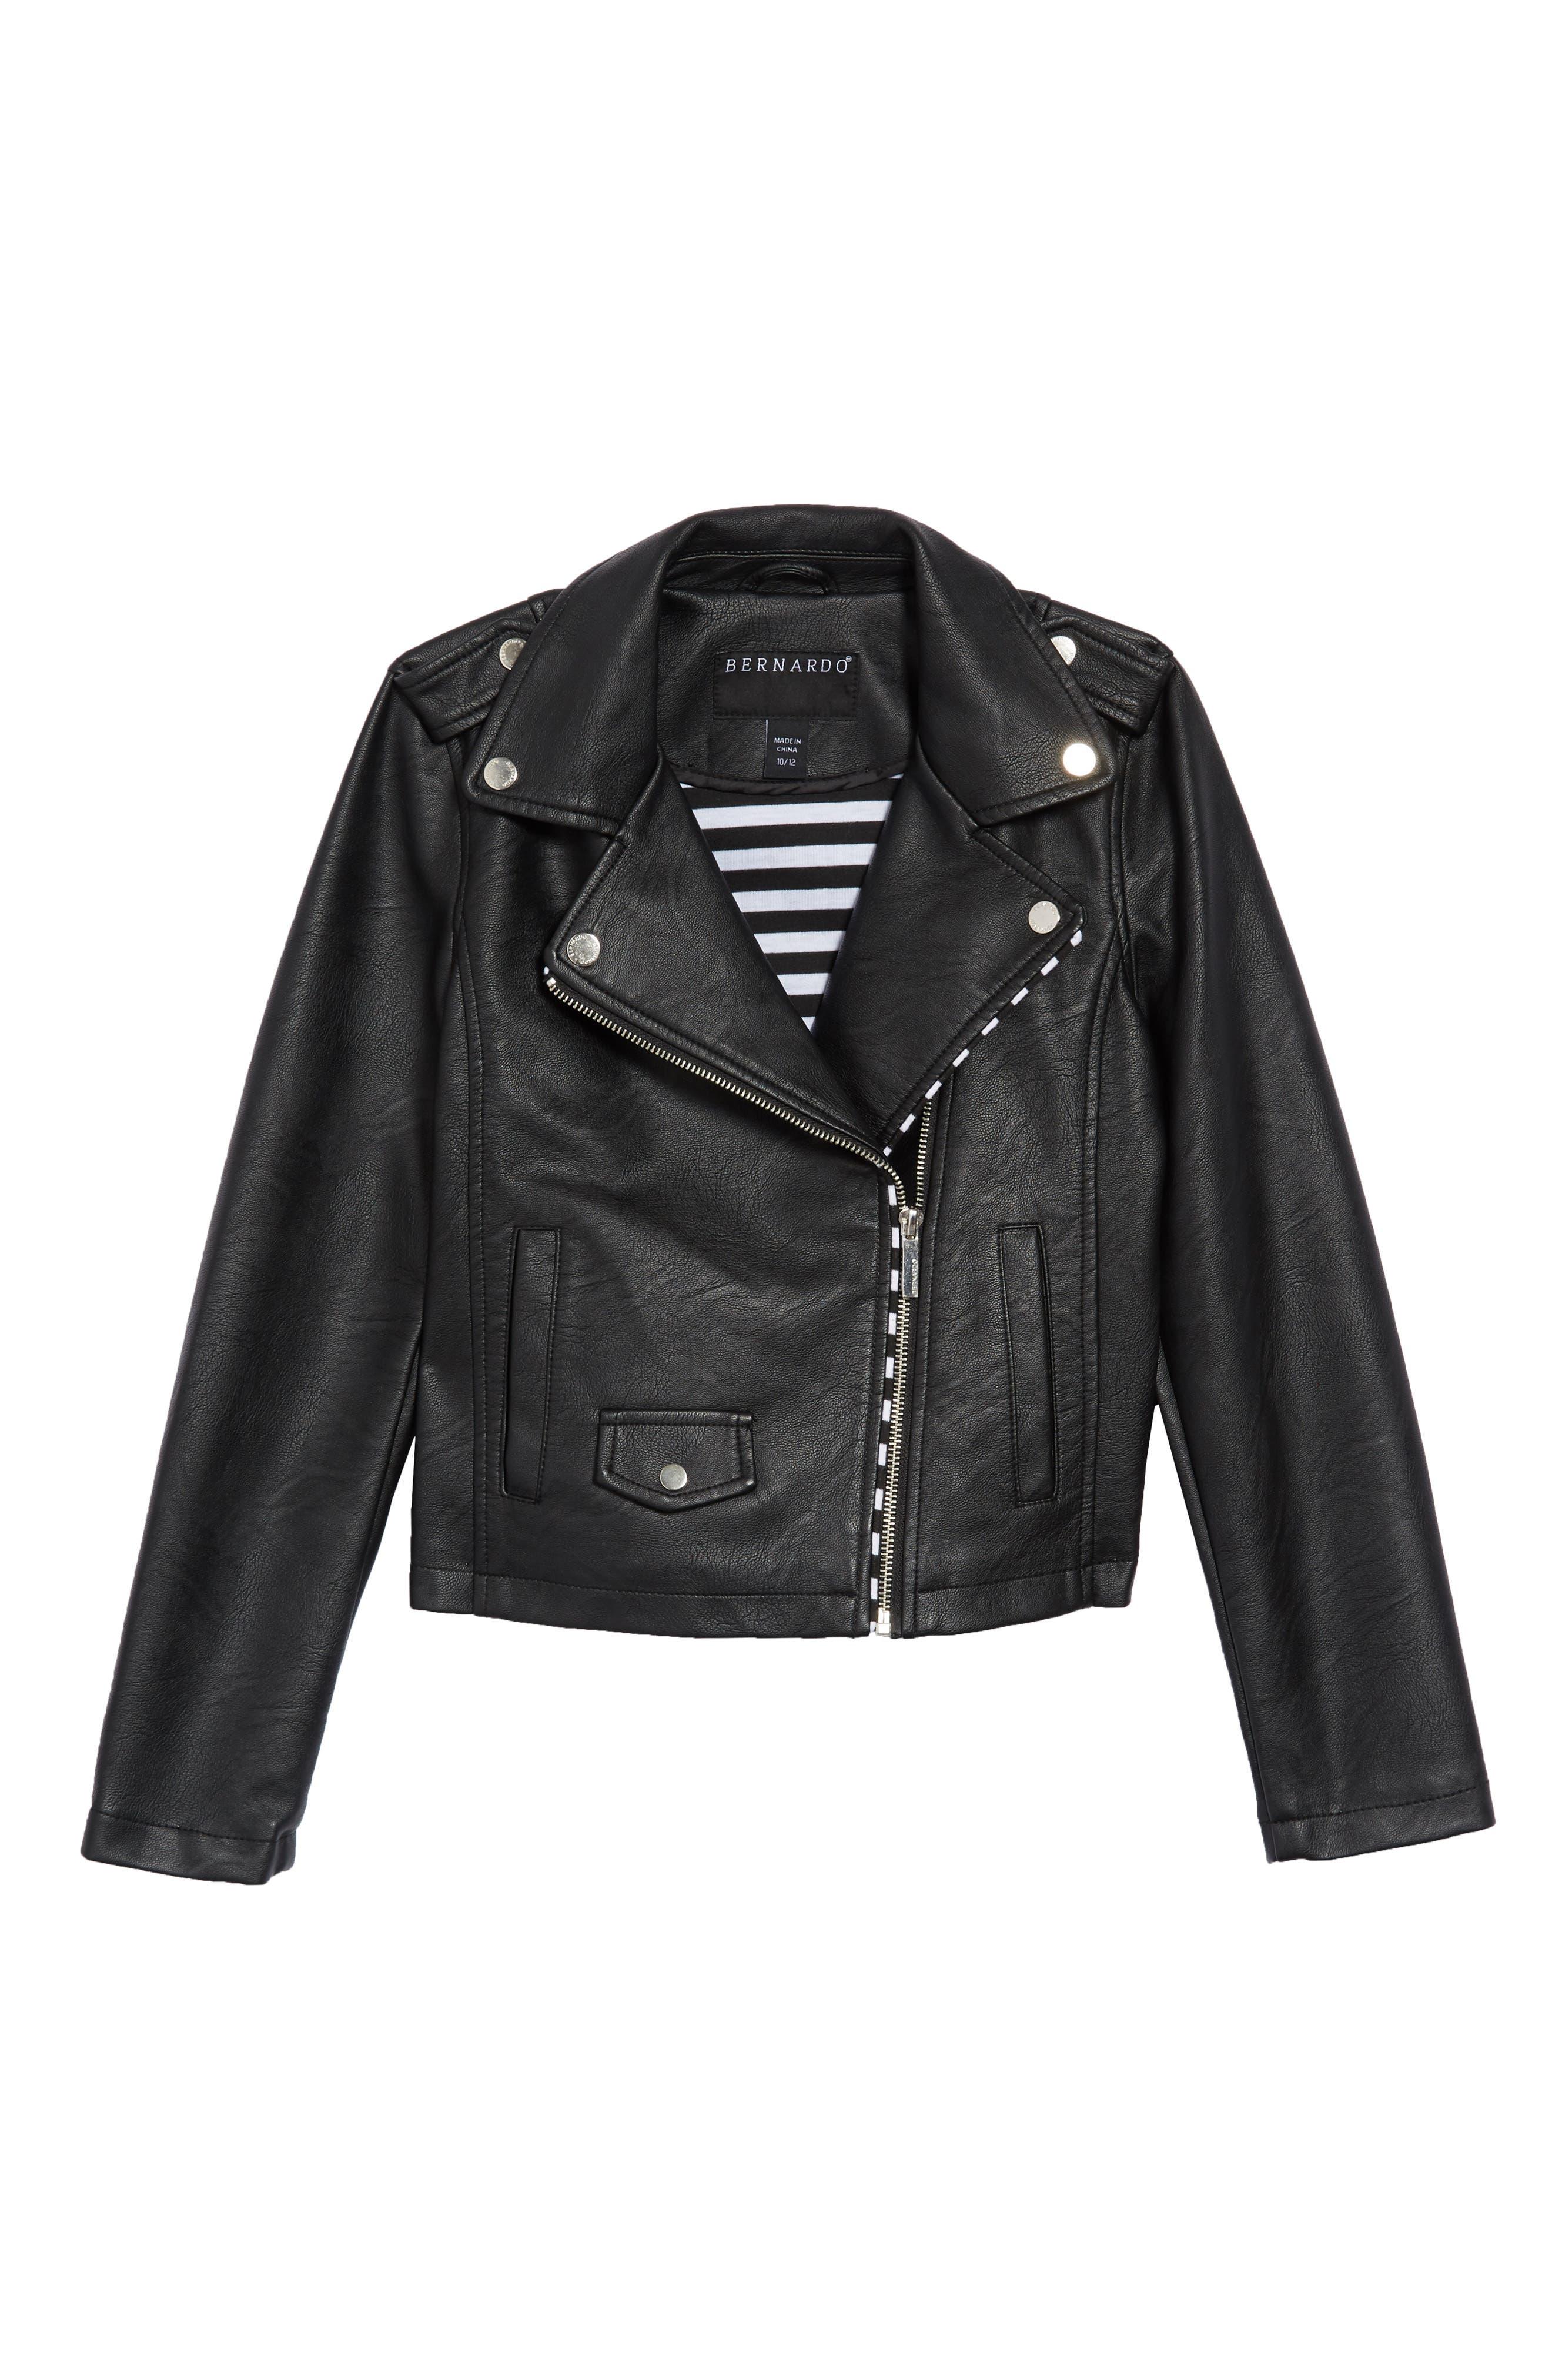 BERNARDO, Faux Leather Moto Jacket, Main thumbnail 1, color, 001